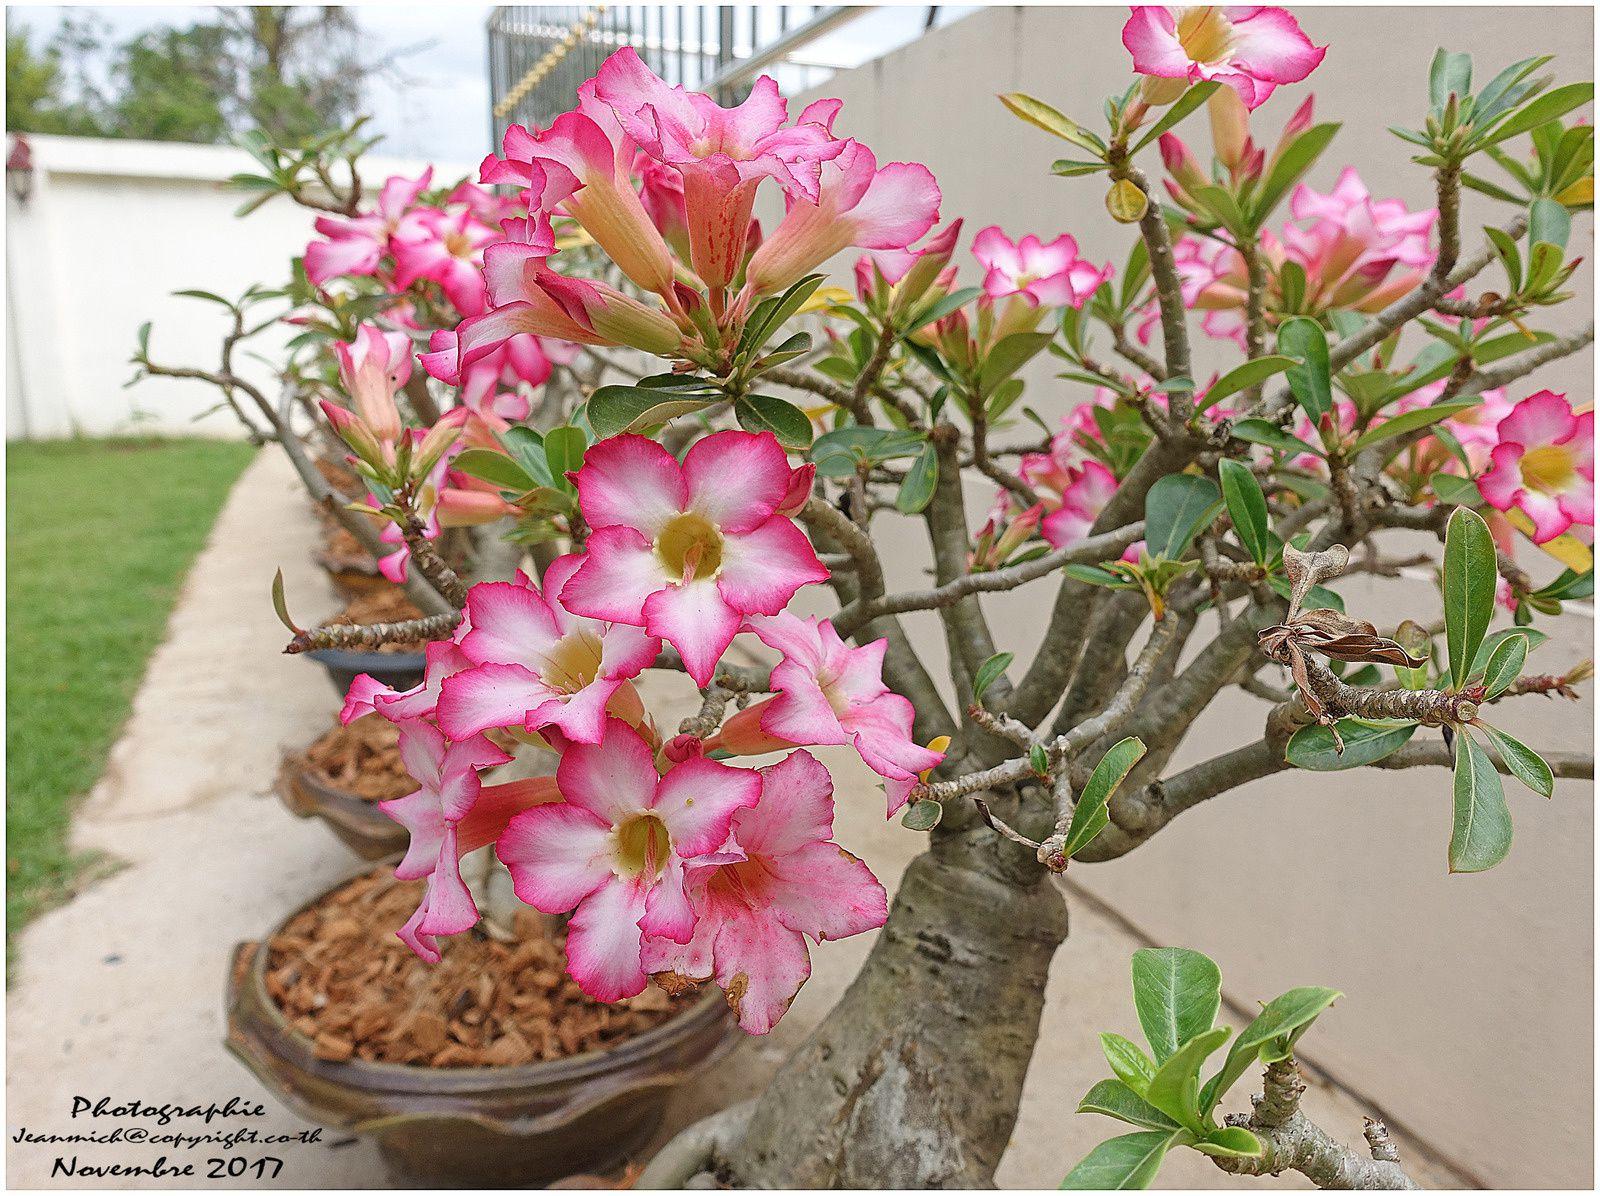 Les fleurs s'épanouissent sous le soleil d'Isaan (Thaïlande)